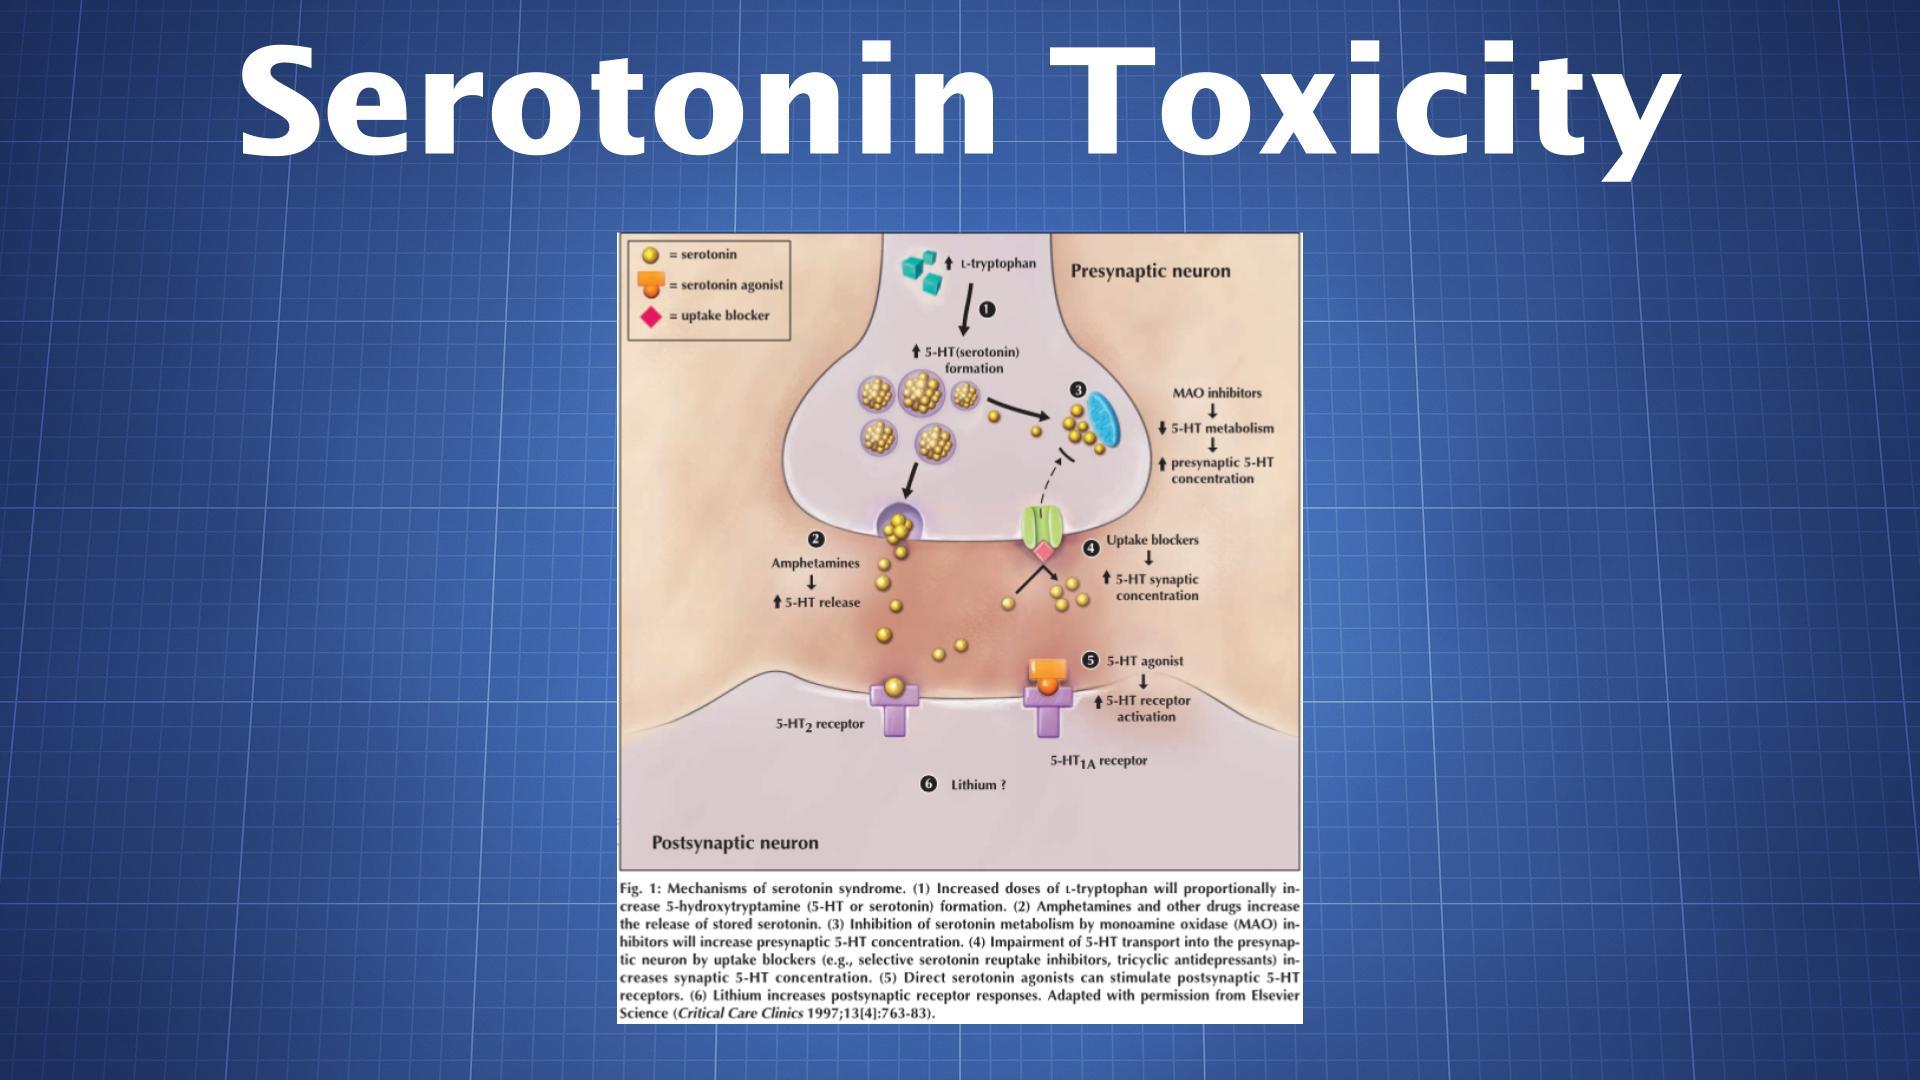 Serotonin Toxicity (Serotonin Syndrome) - The Drug Classroom